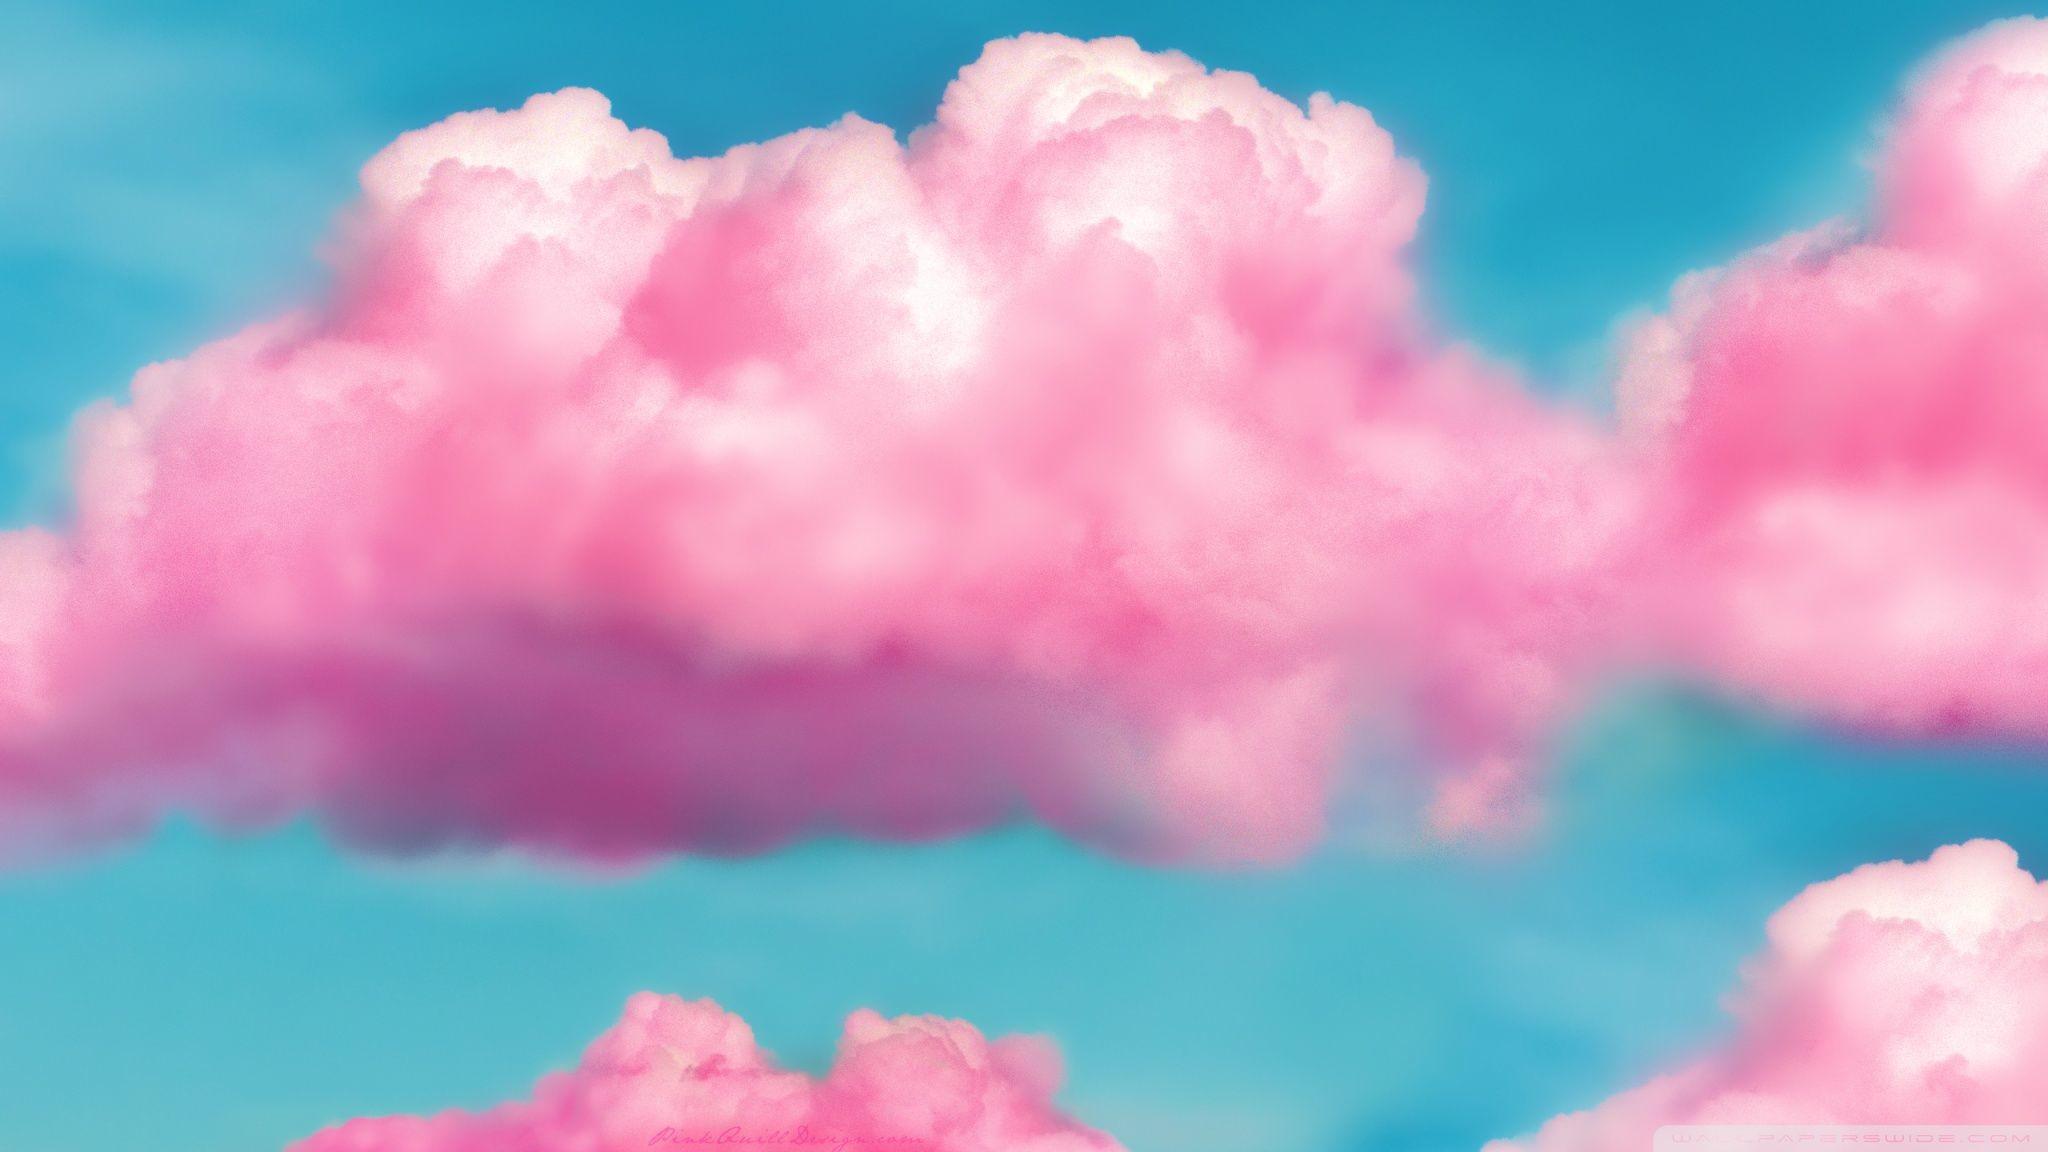 Res: 2048x1152, Pink Fluffy Clouds HD desktop wallpaper : Widescreen : High